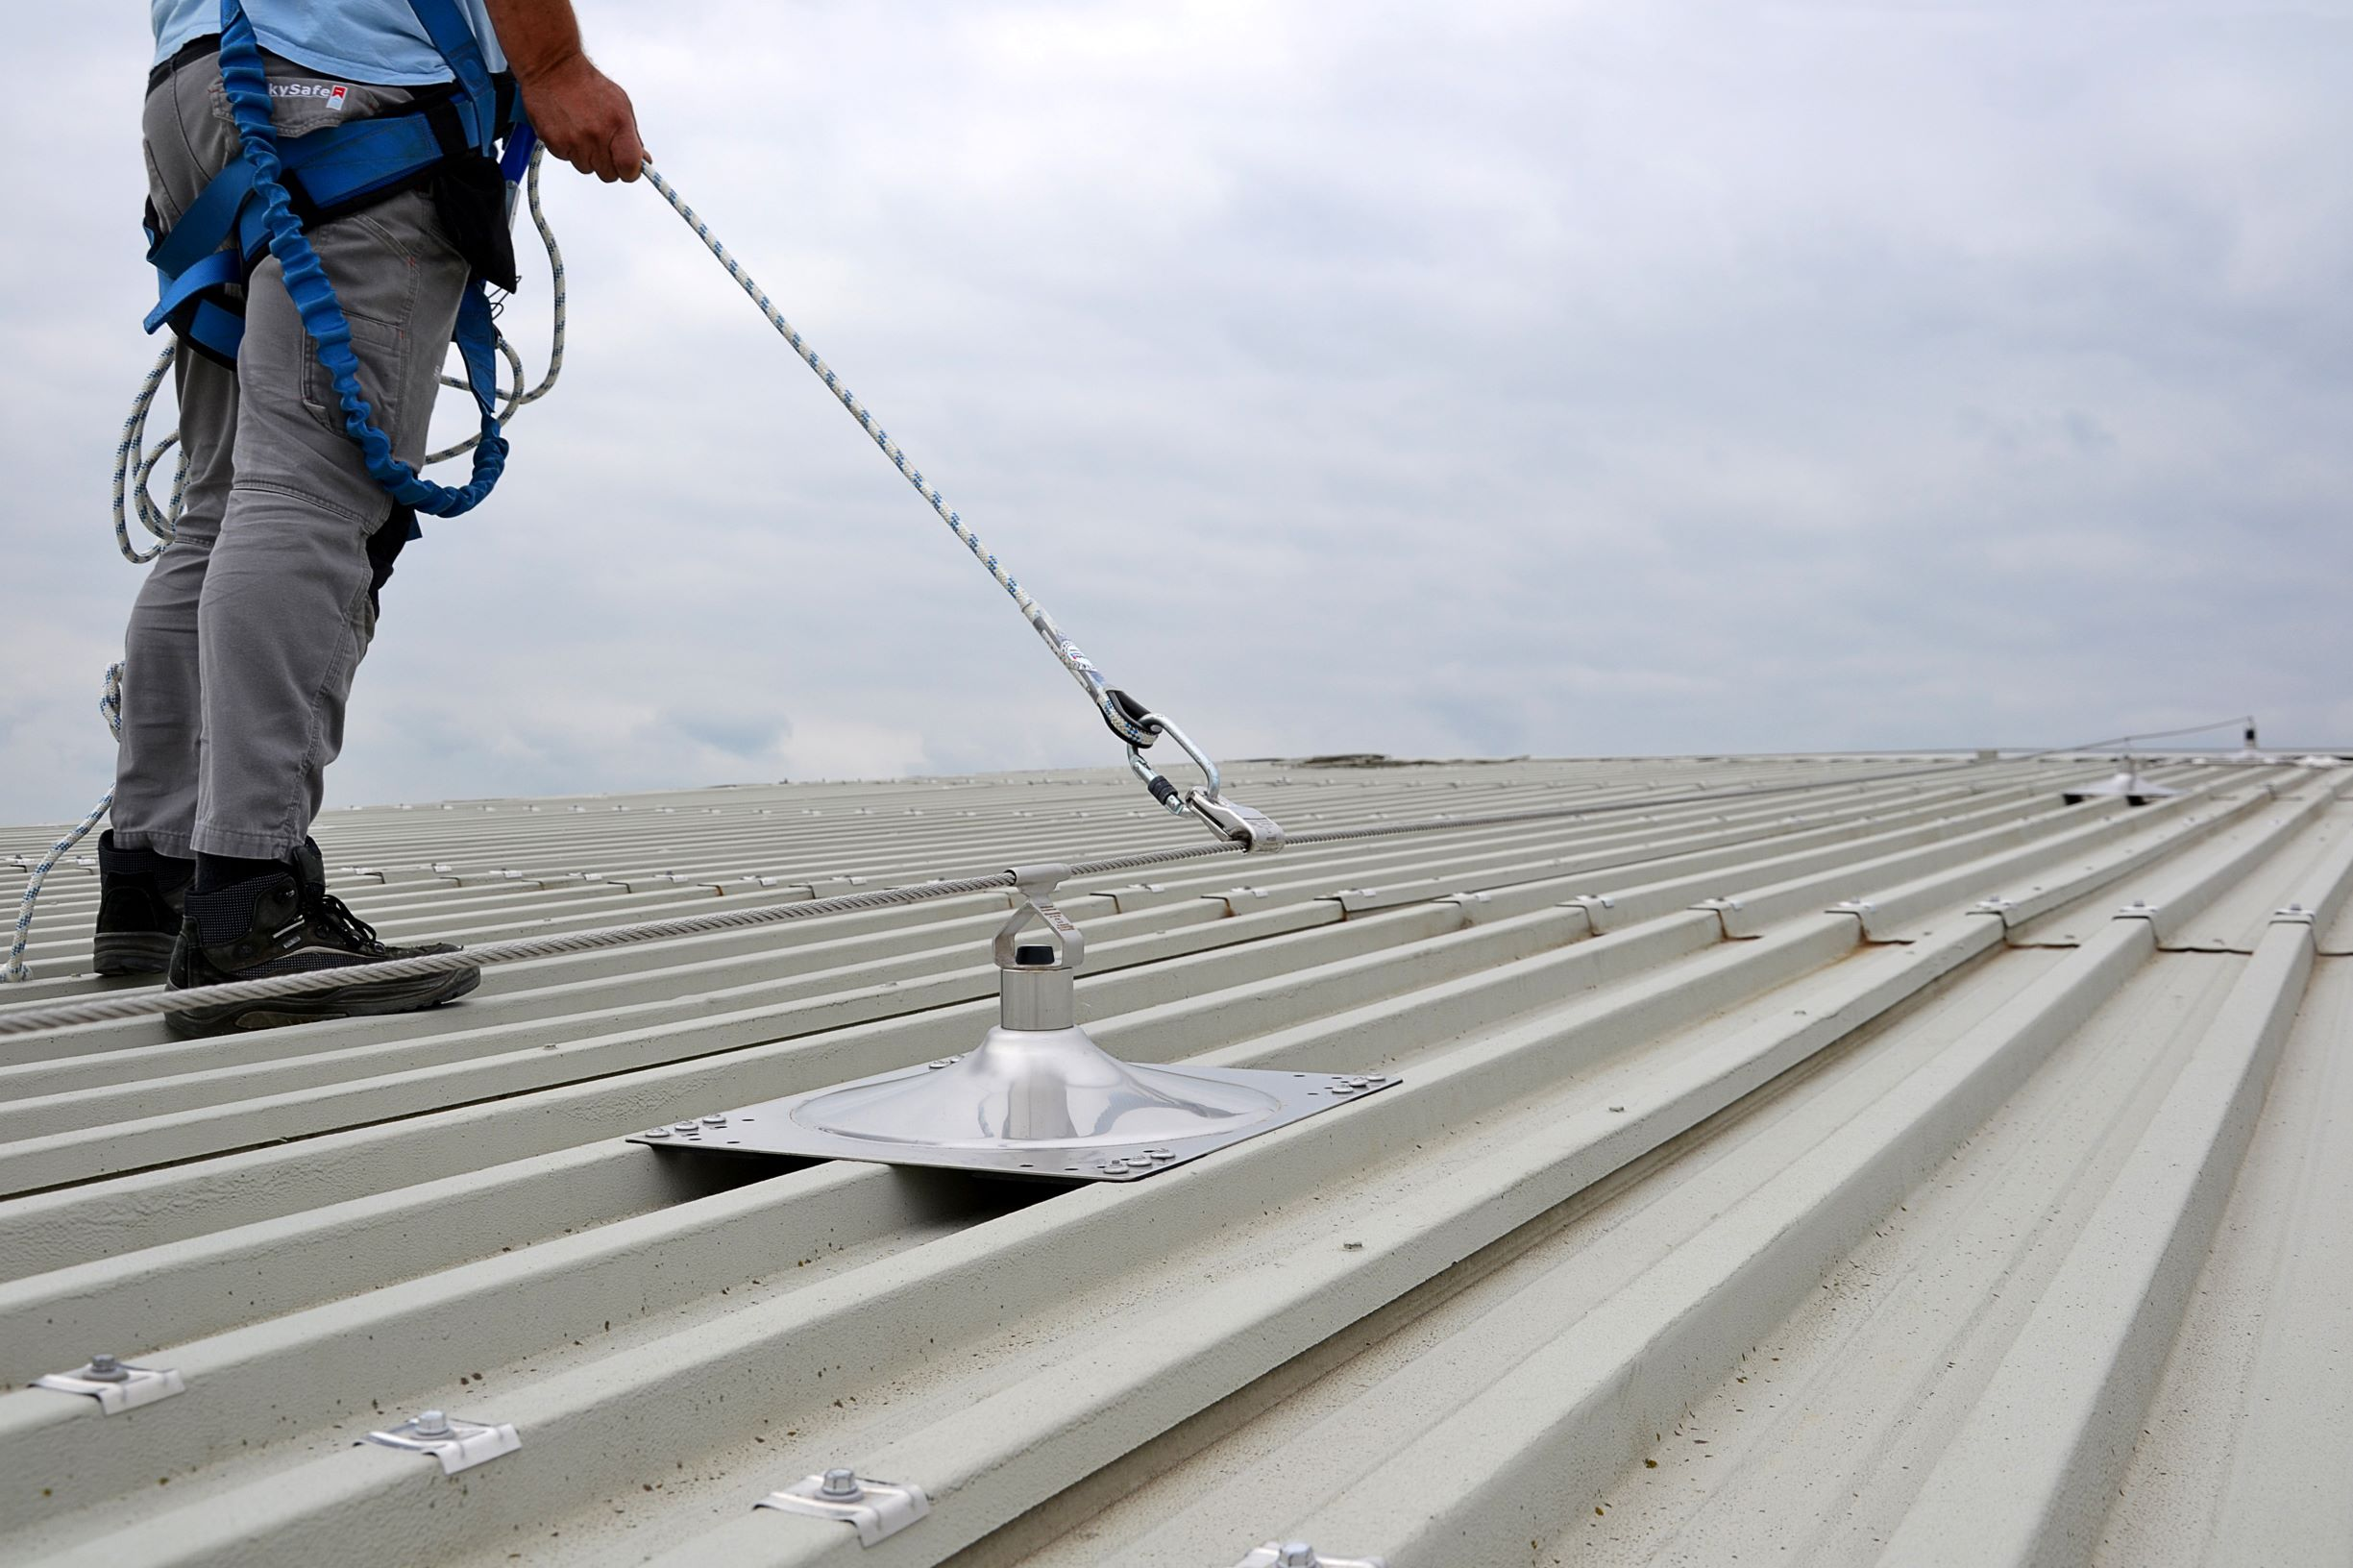 Man aangelijnd aan valbeveiliging kabelsysteem op metalen dak